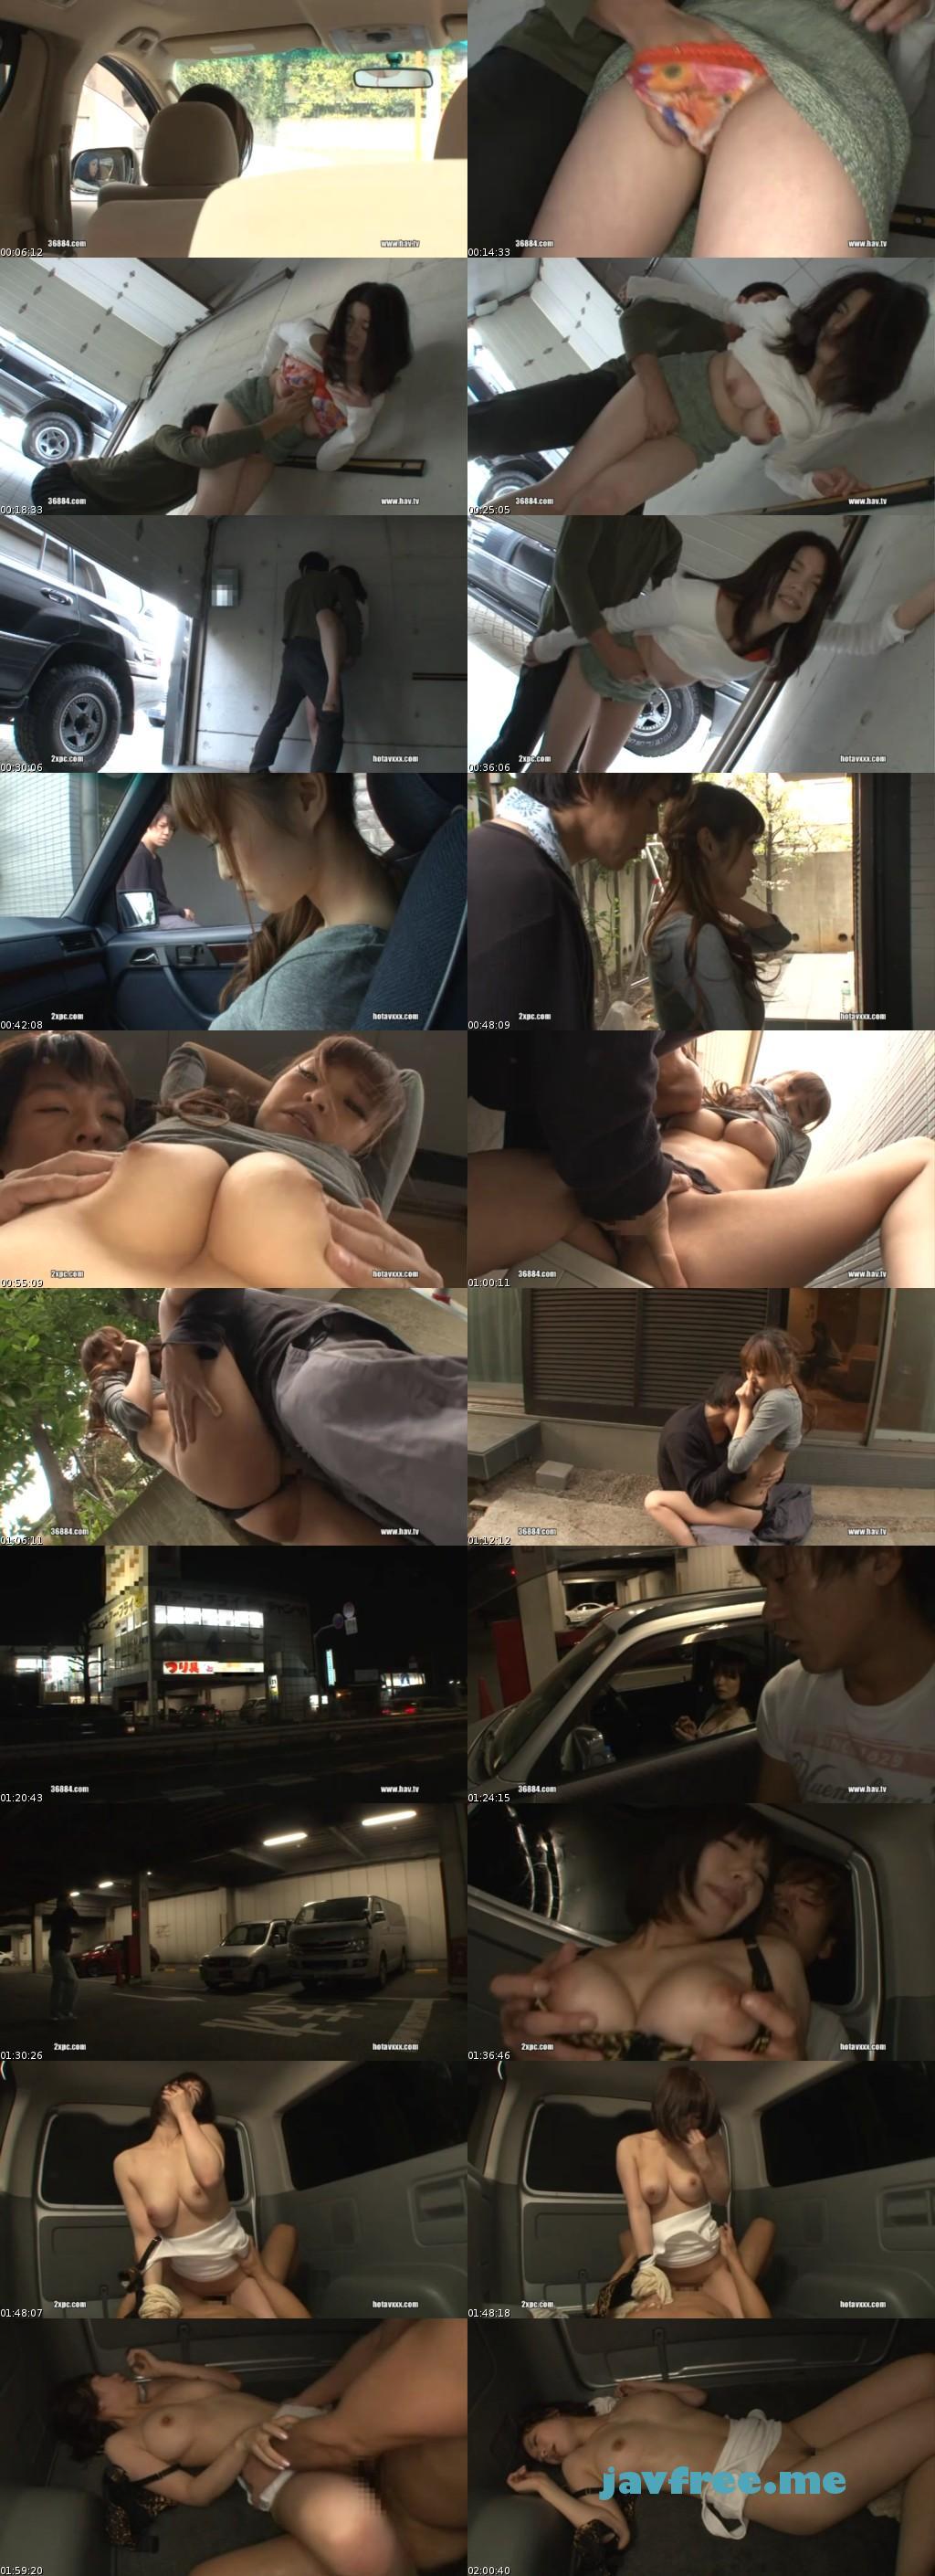 [RDT 153] 目の前に止まった車の助手席にいる、すまし顔した女の胸があまりにも大きくて… 2 水城奈緒 椎名みくる 森川ななせ RDT